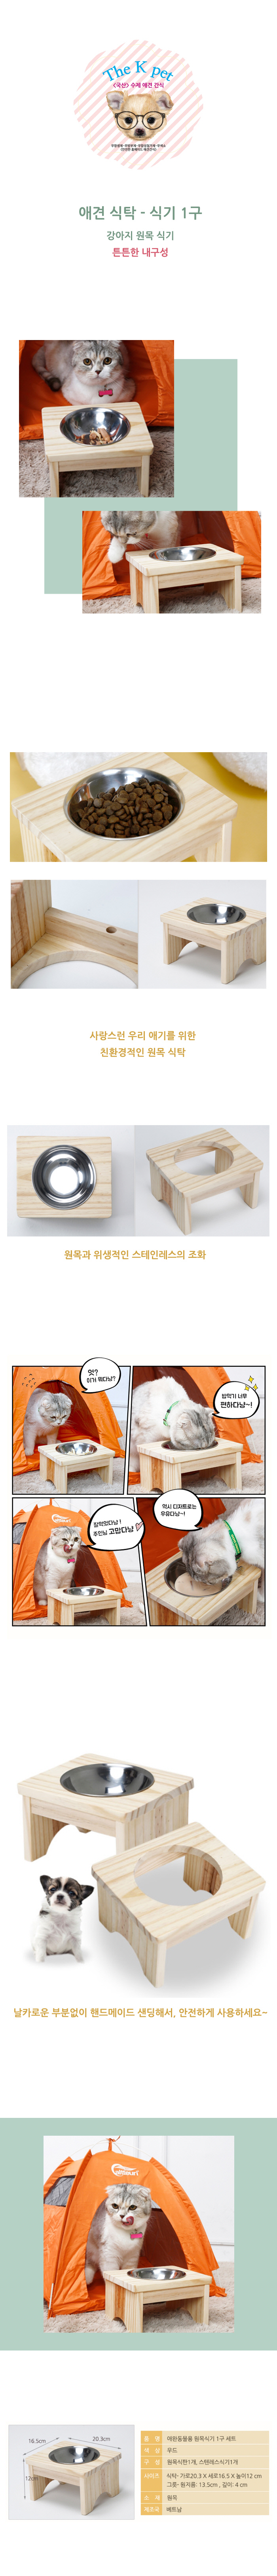 강아지 식탁 - 식기 1구세트 (원목) - 더 케이 펫, 10,900원, 급수/급식기, 식기/식탁